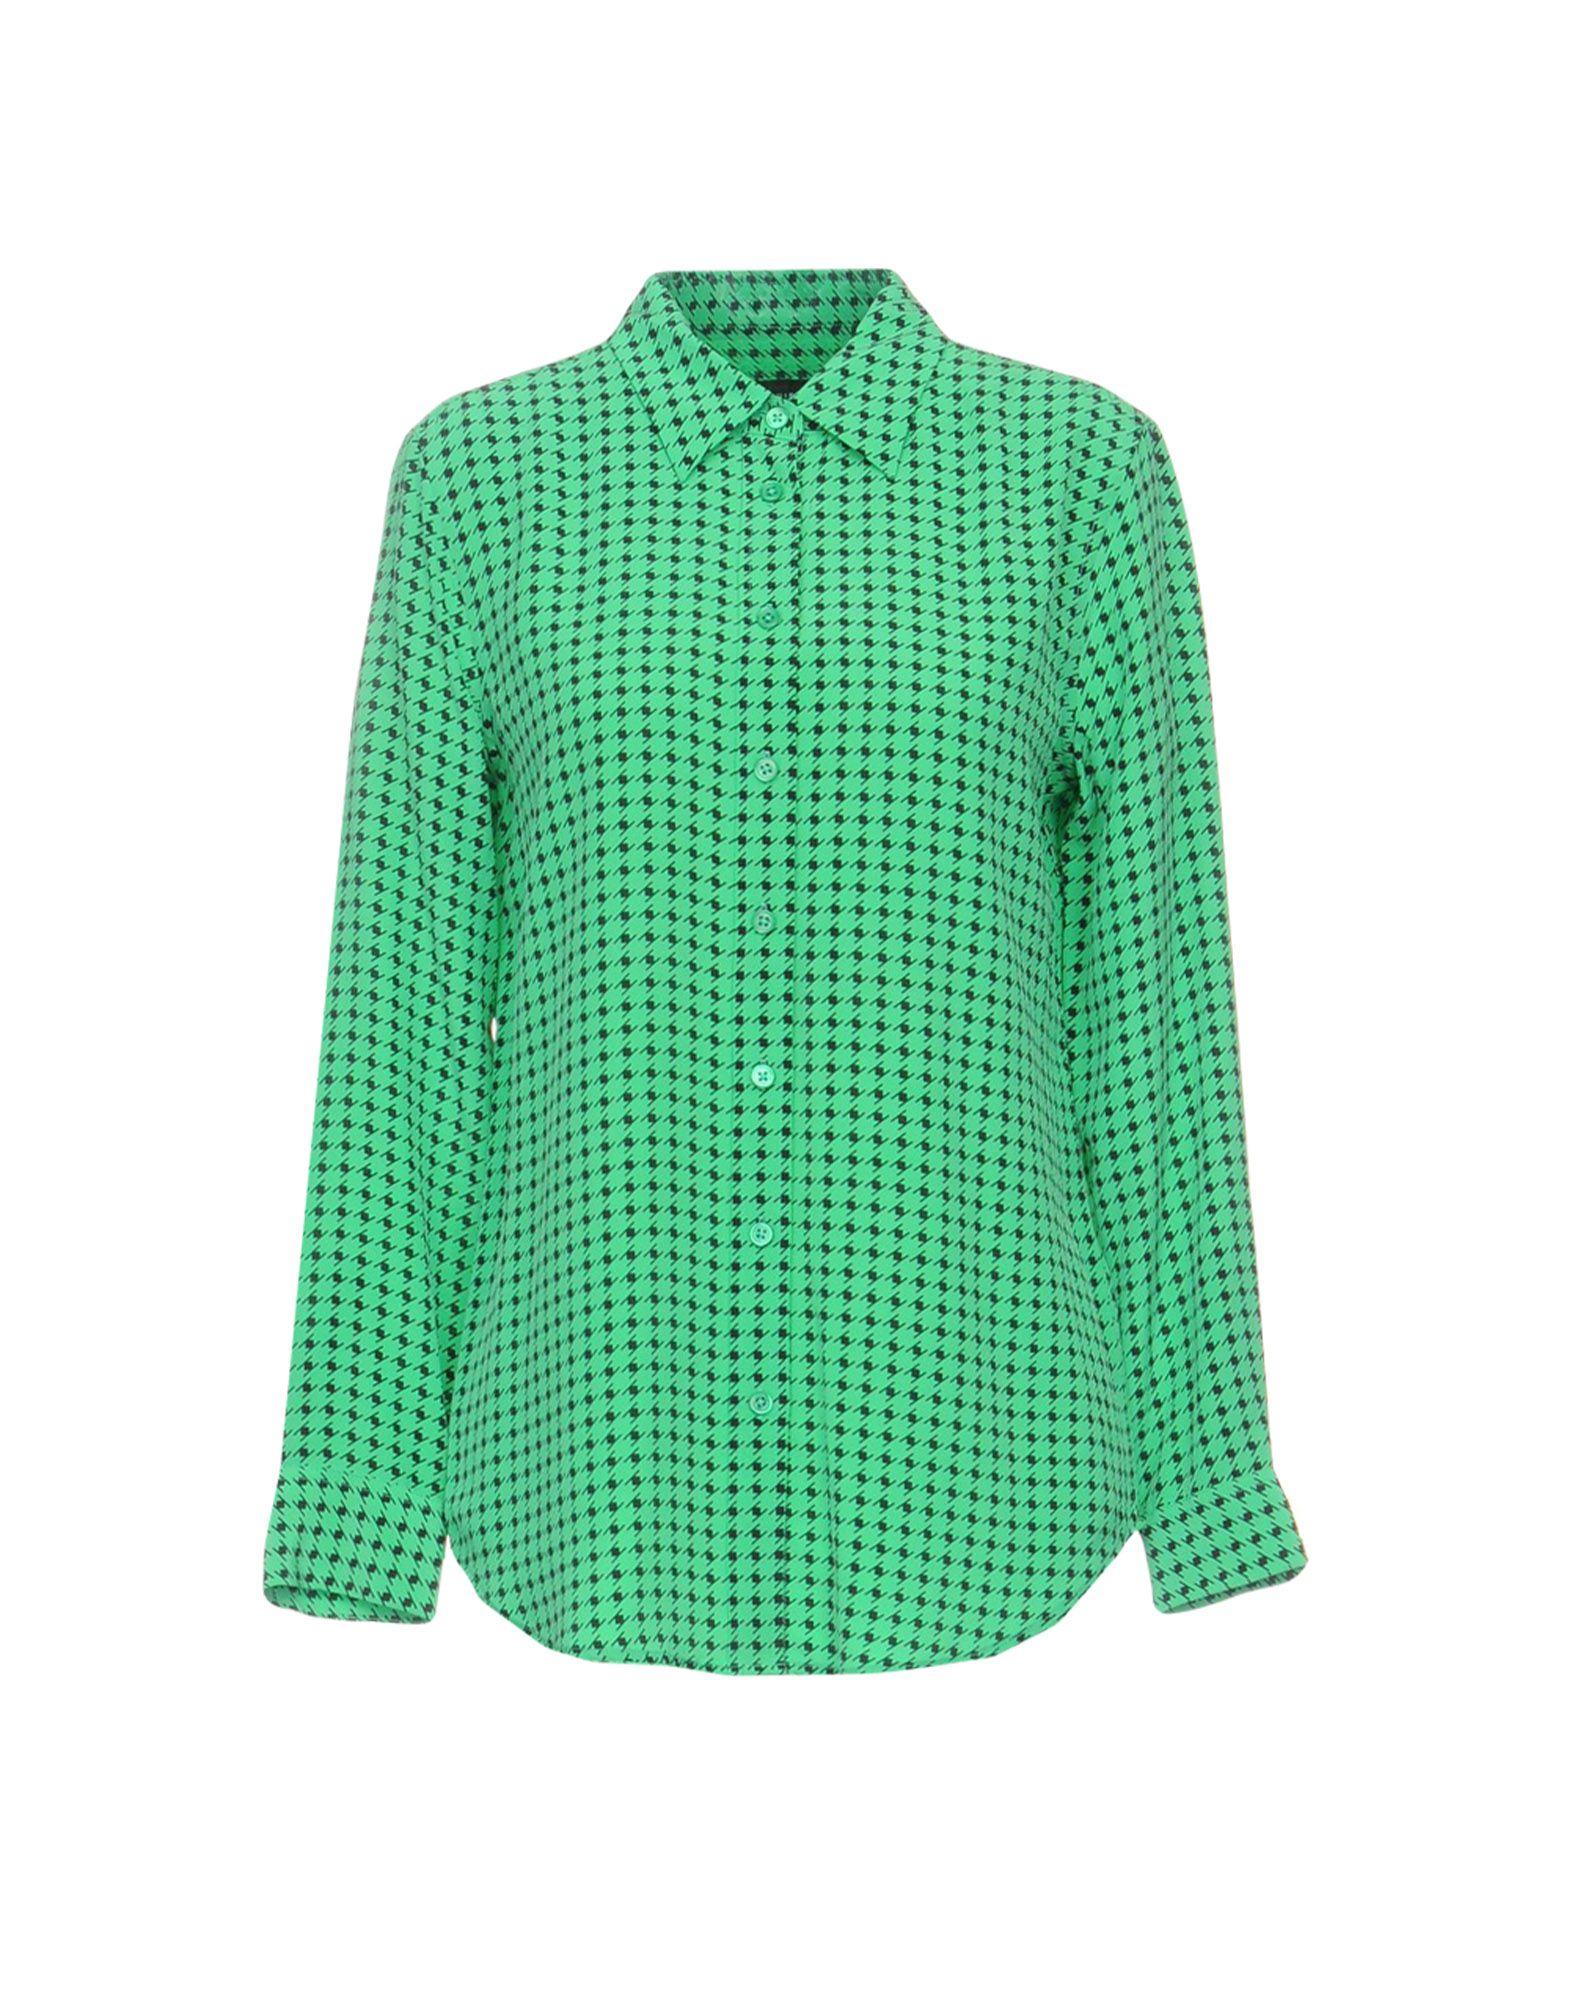 《送料無料》KATE MOSS EQUIPMENT レディース シャツ ライトグリーン XS シルク 100%